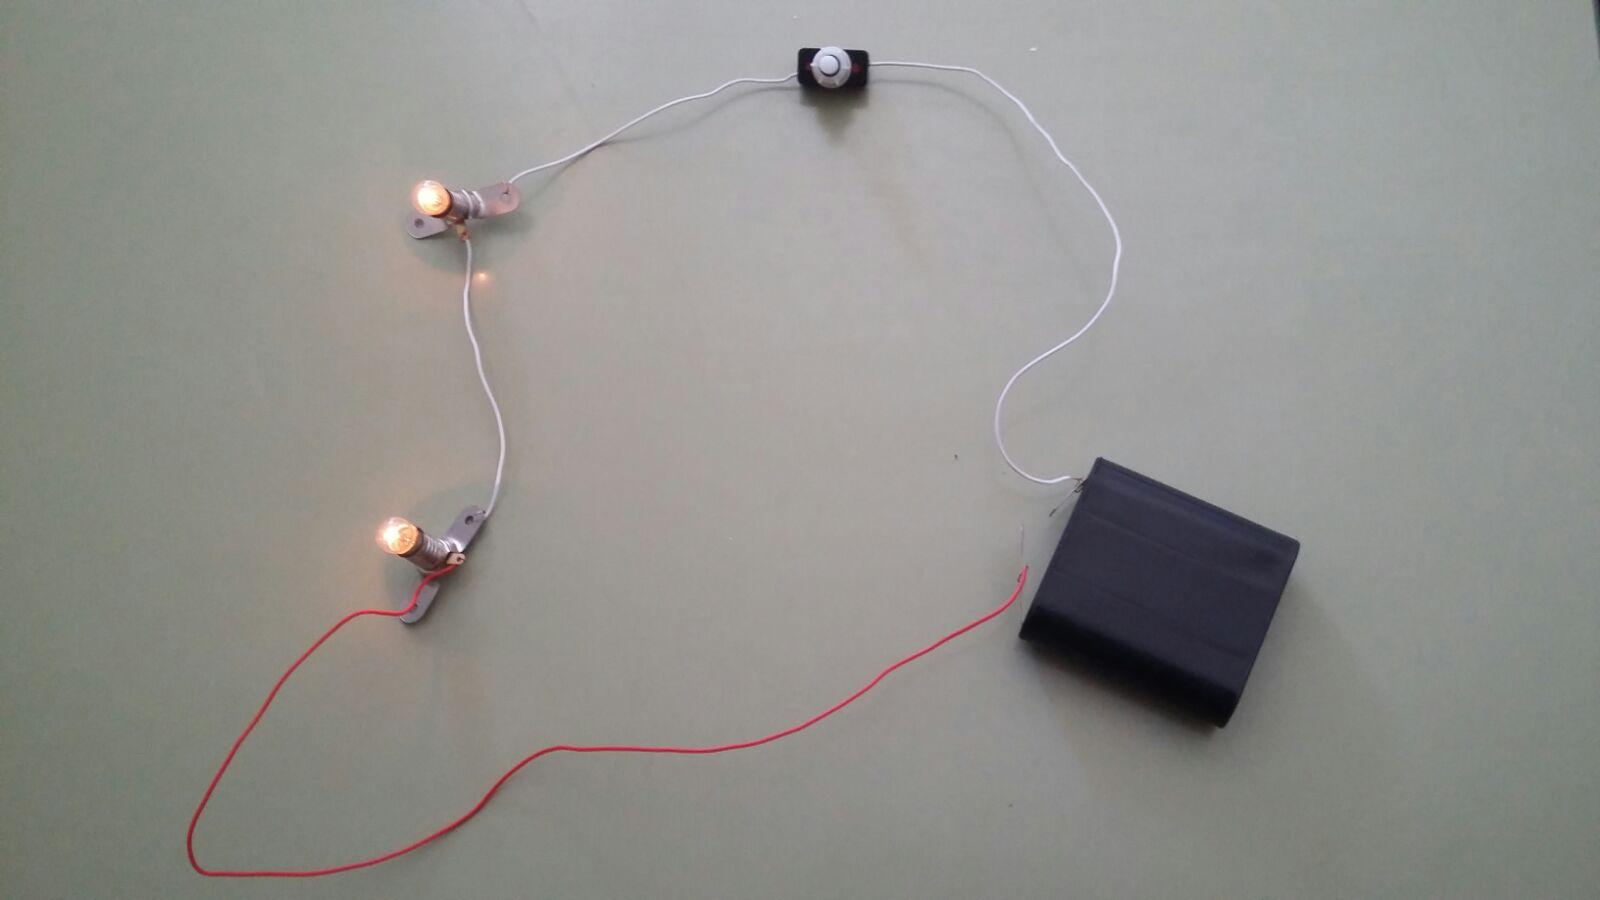 Circuito Electrico Basico : Circuito eléctrico básico ceip jesús nazareno almadén ciudad real